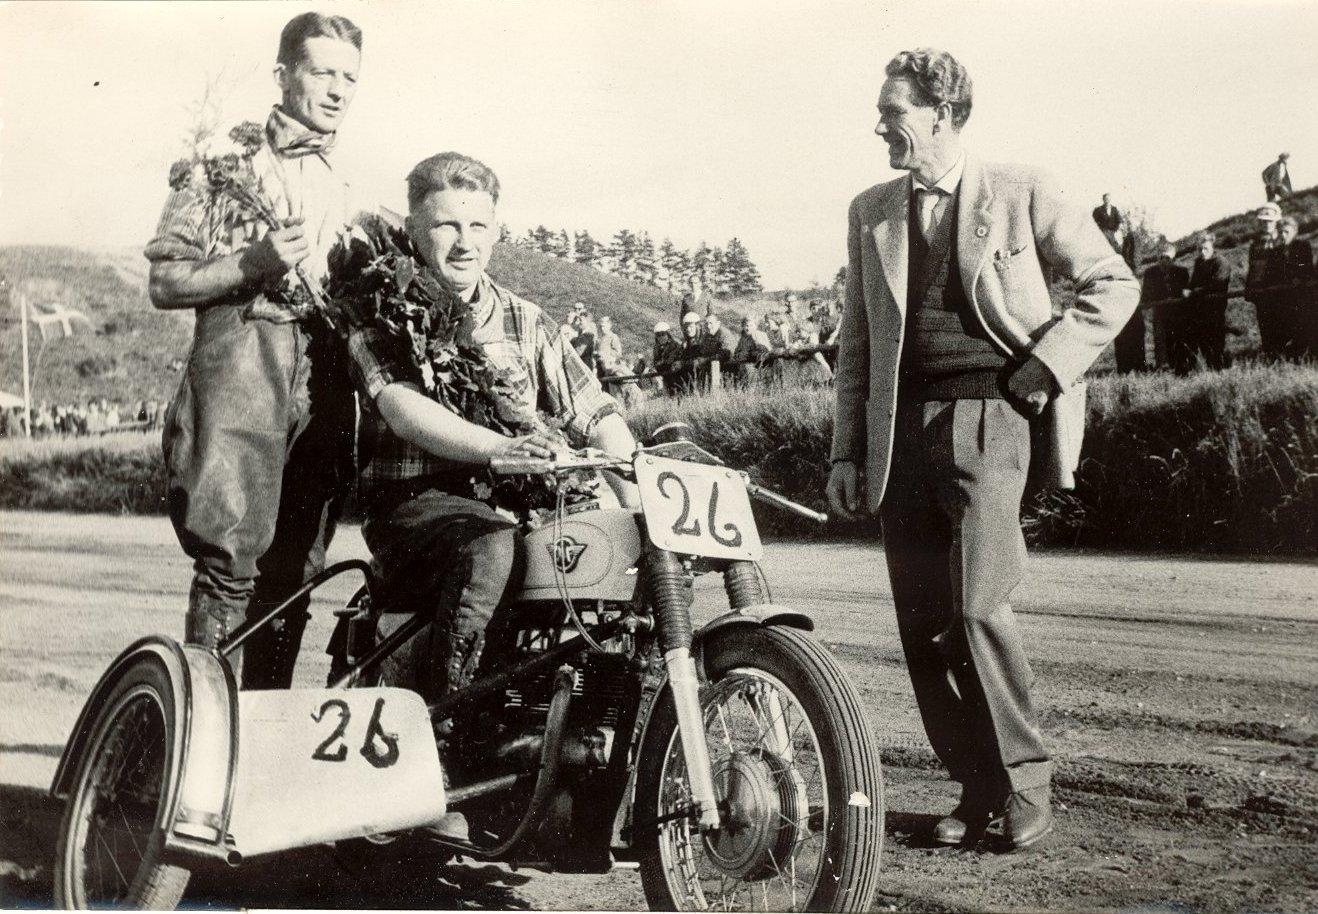 JM Løvel i 1959. Far var løbsleder, som det hed dengang og lykønsker her Carl Andersen og Gunnar Williams med titlen i 500cc sidevognsklassen.